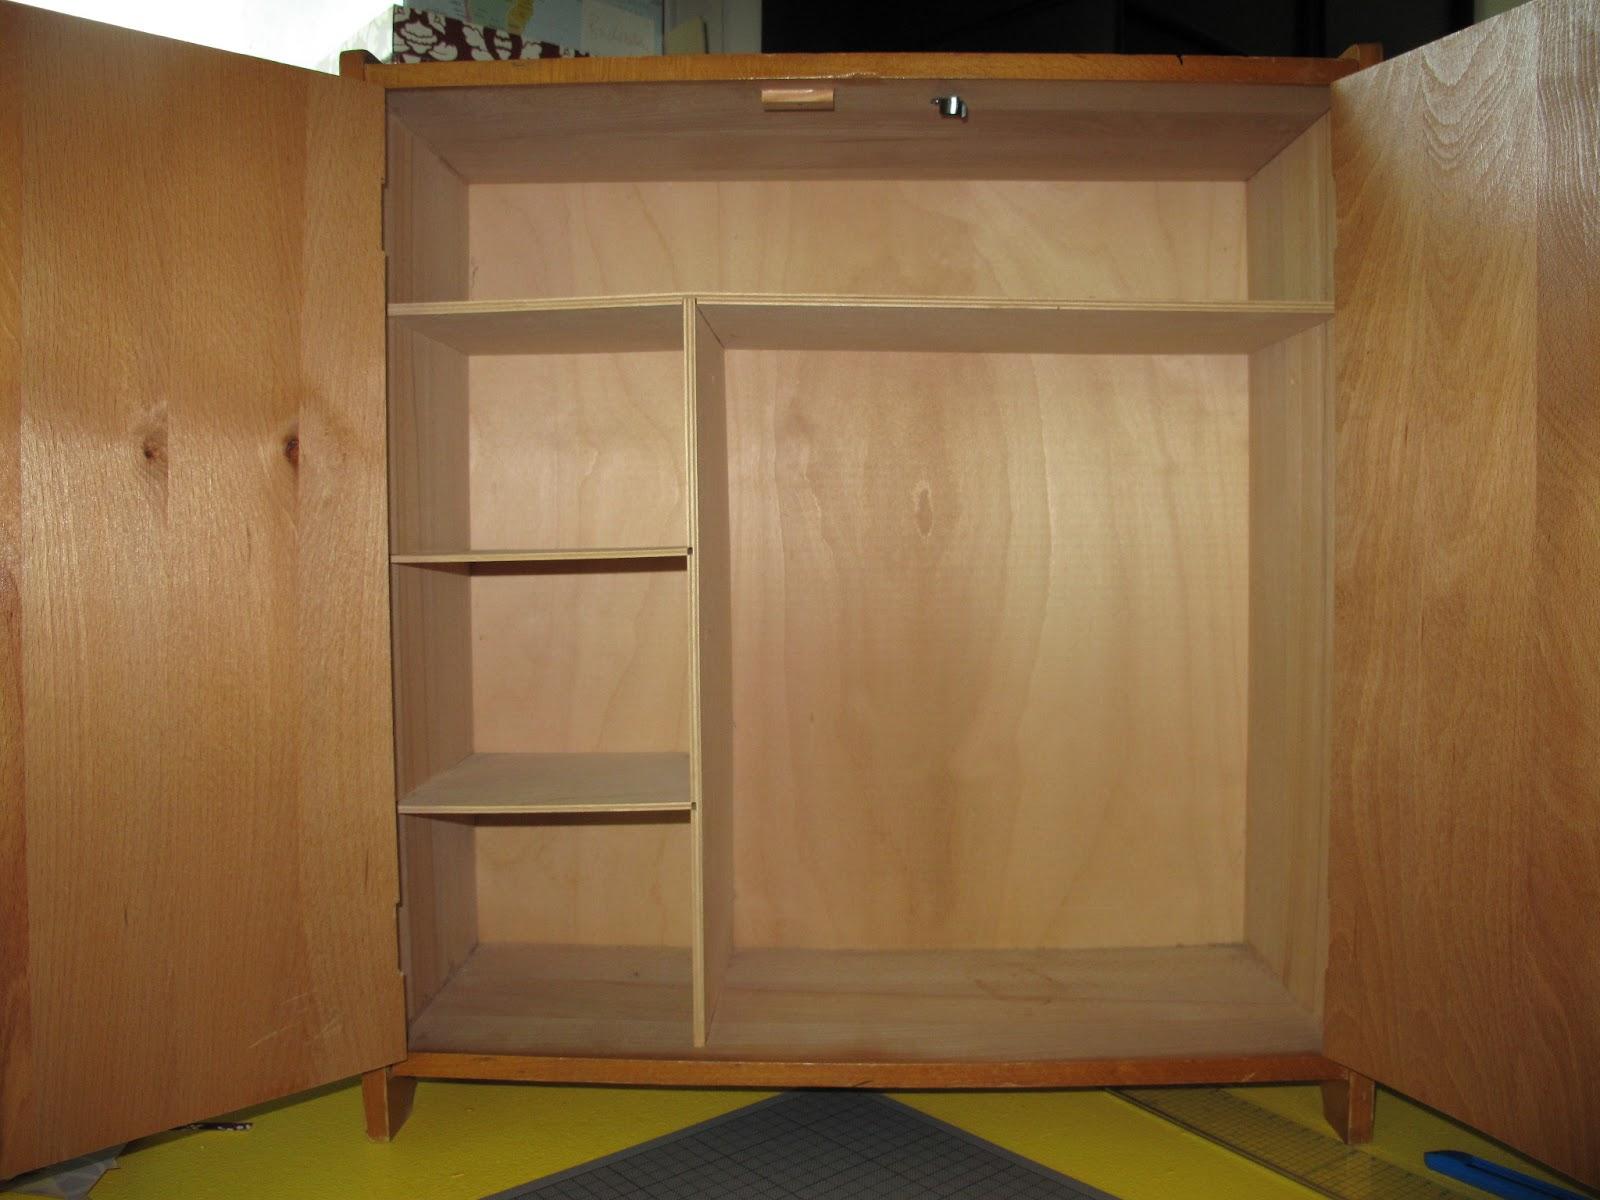 karolins werkstatt m belverr ckt upcycling von m beln mit papier puppenschrank vorher nachher. Black Bedroom Furniture Sets. Home Design Ideas